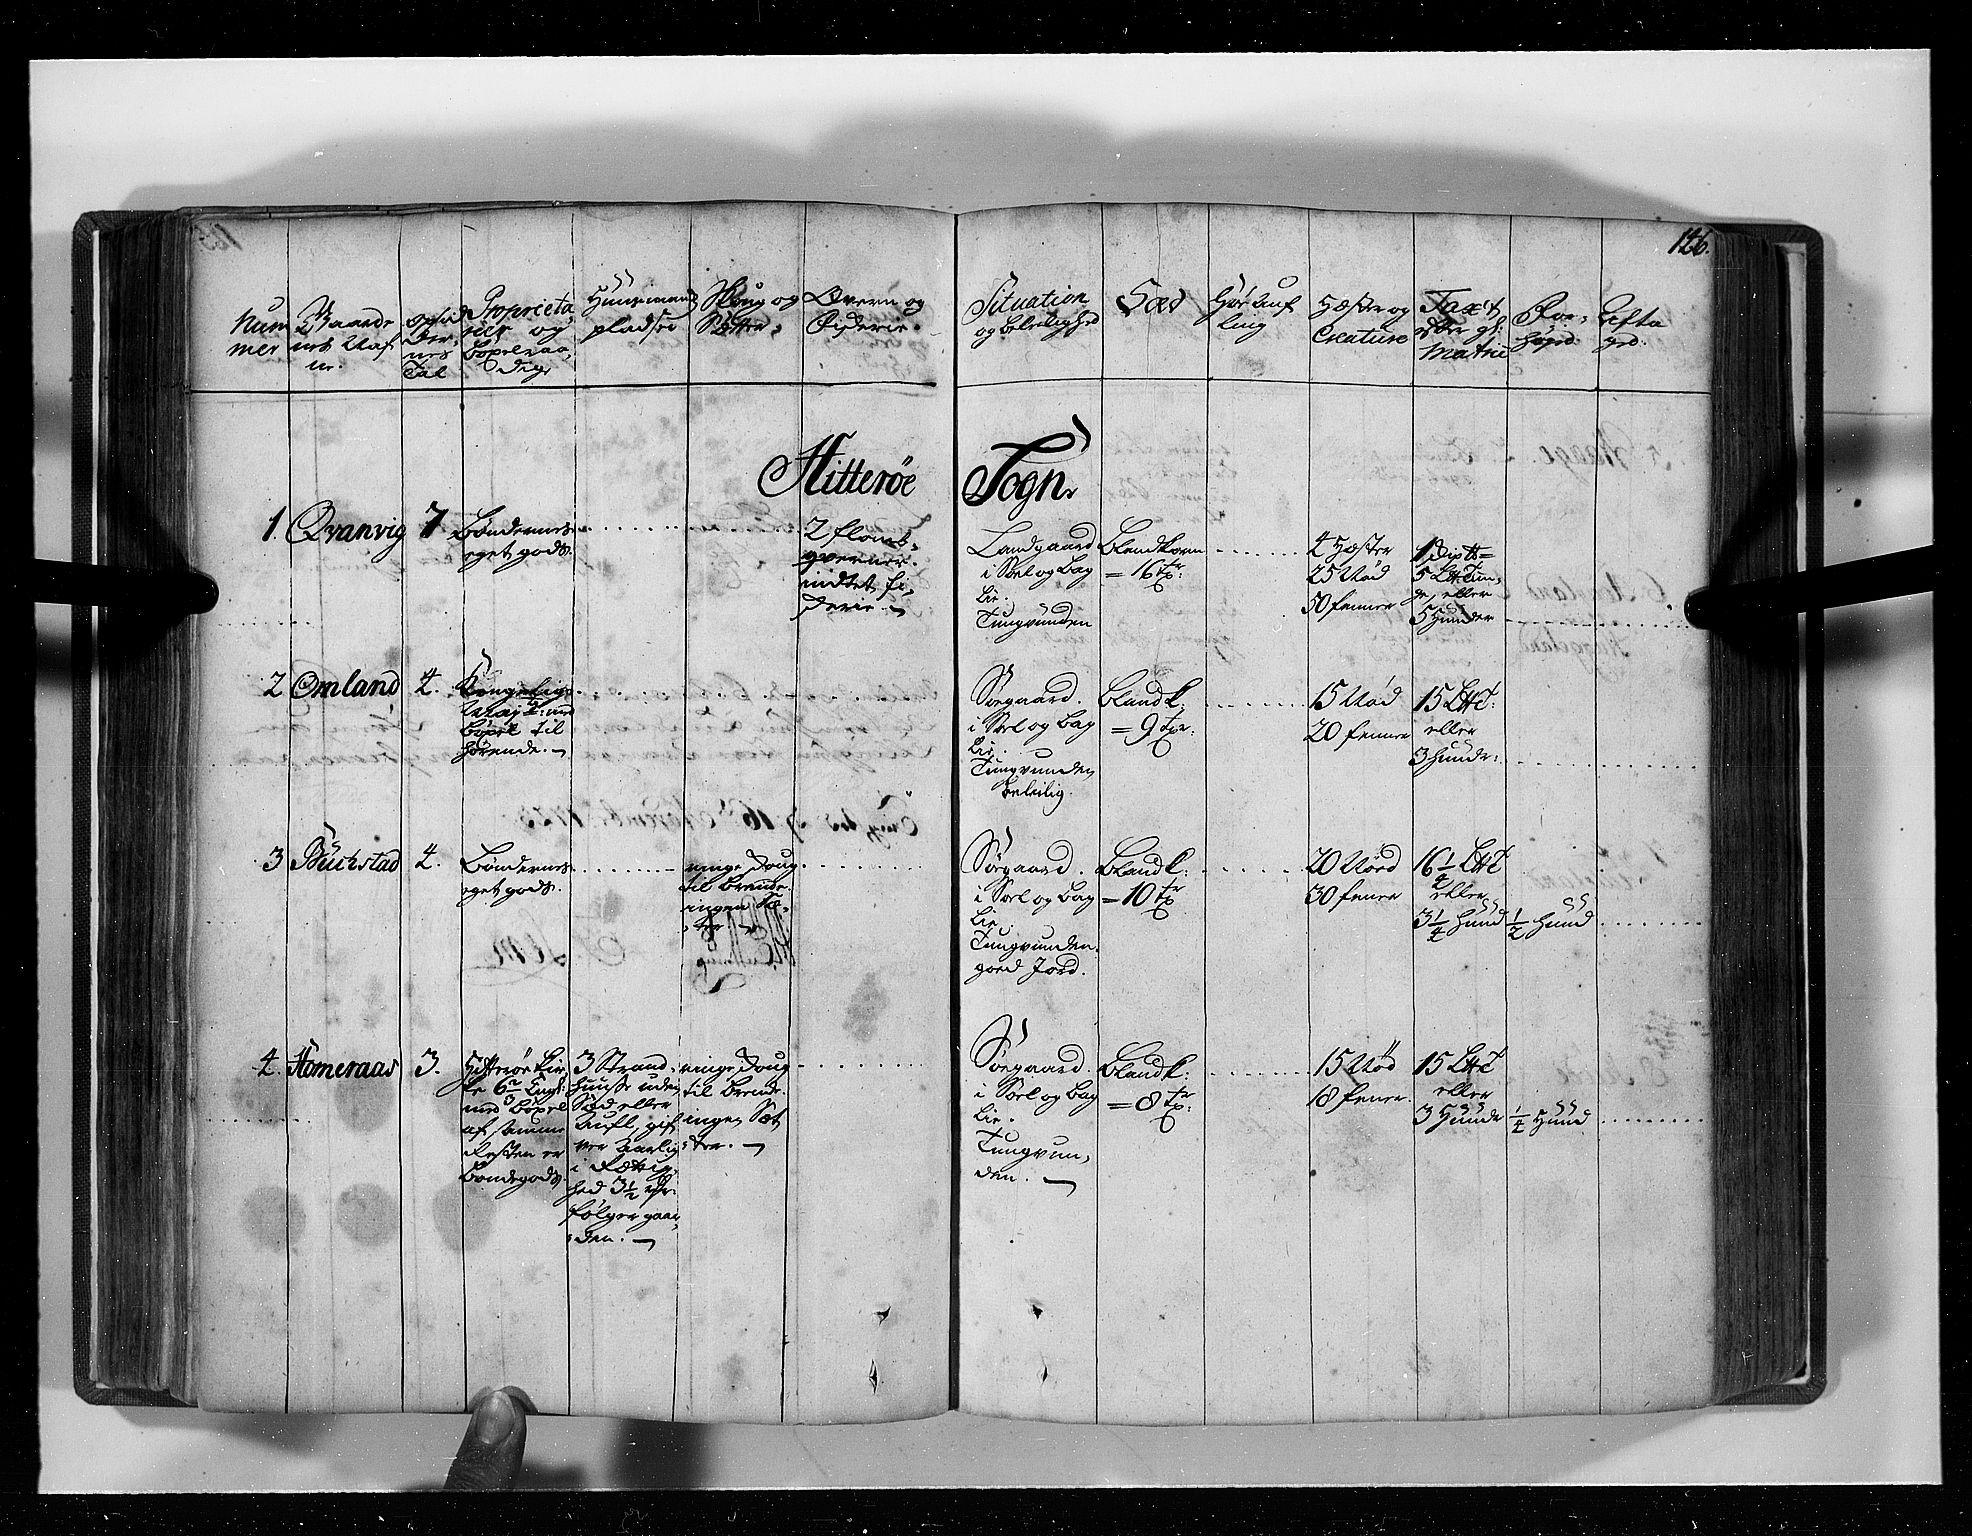 RA, Rentekammeret inntil 1814, Realistisk ordnet avdeling, N/Nb/Nbf/L0129: Lista eksaminasjonsprotokoll, 1723, s. 145b-146a